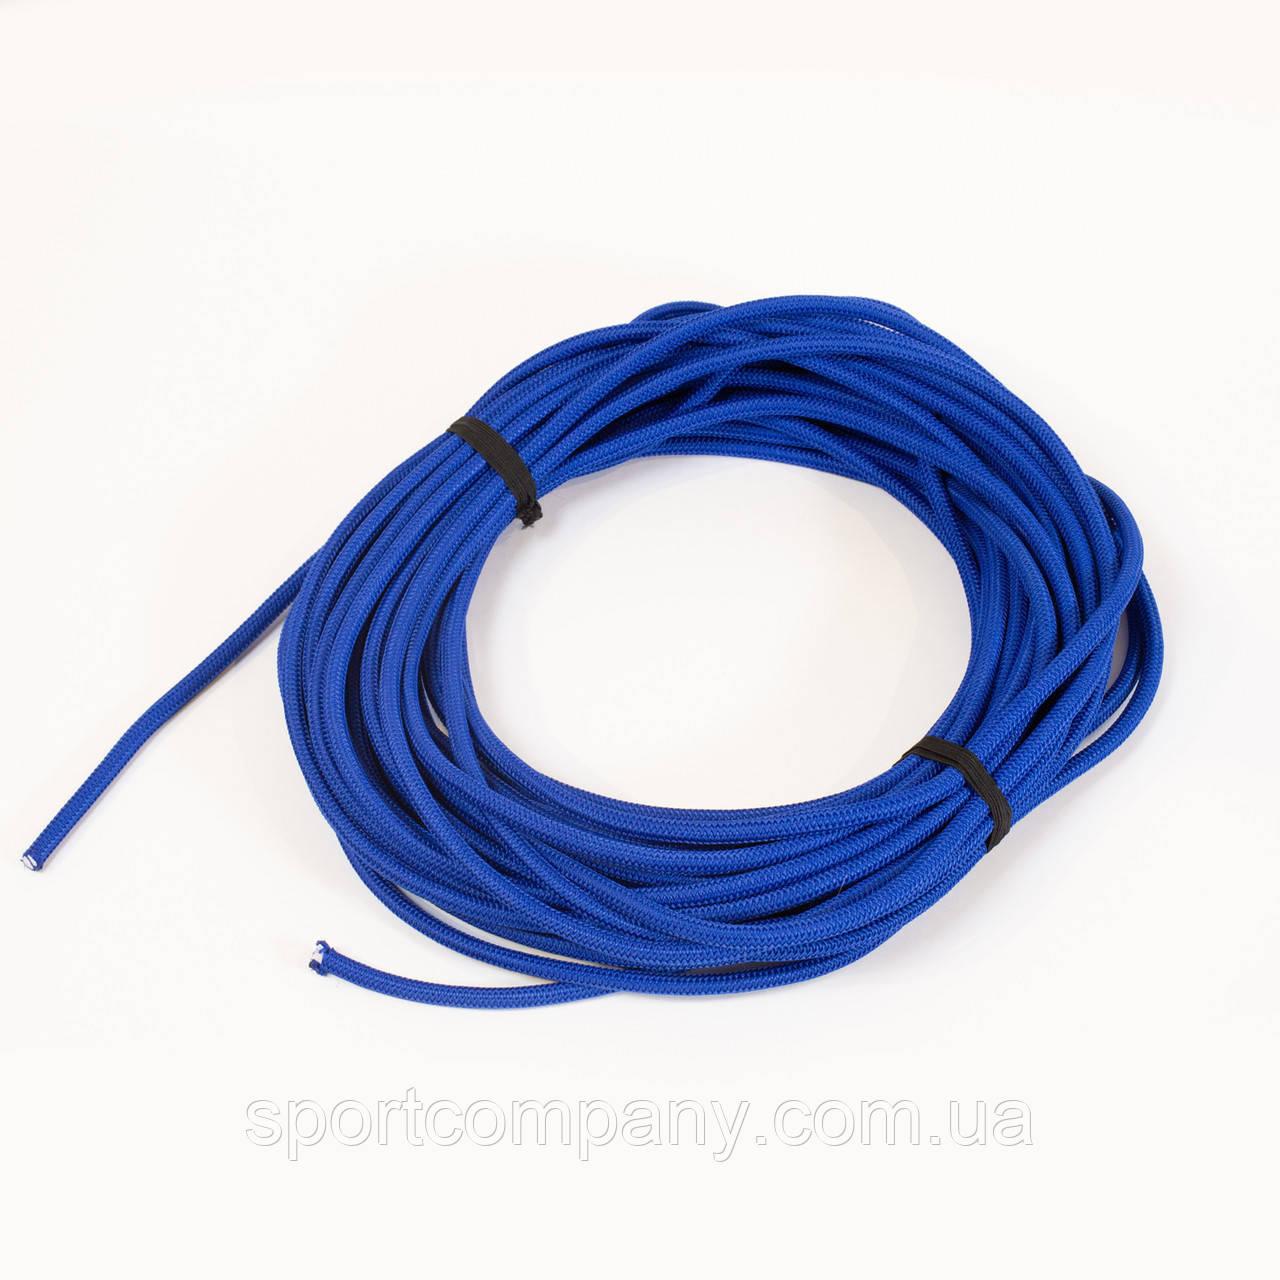 Жгут спортивный резиновый в тканевой оплетке ( резина, d-8 мм, I-400 см, синий ) rez.blu8